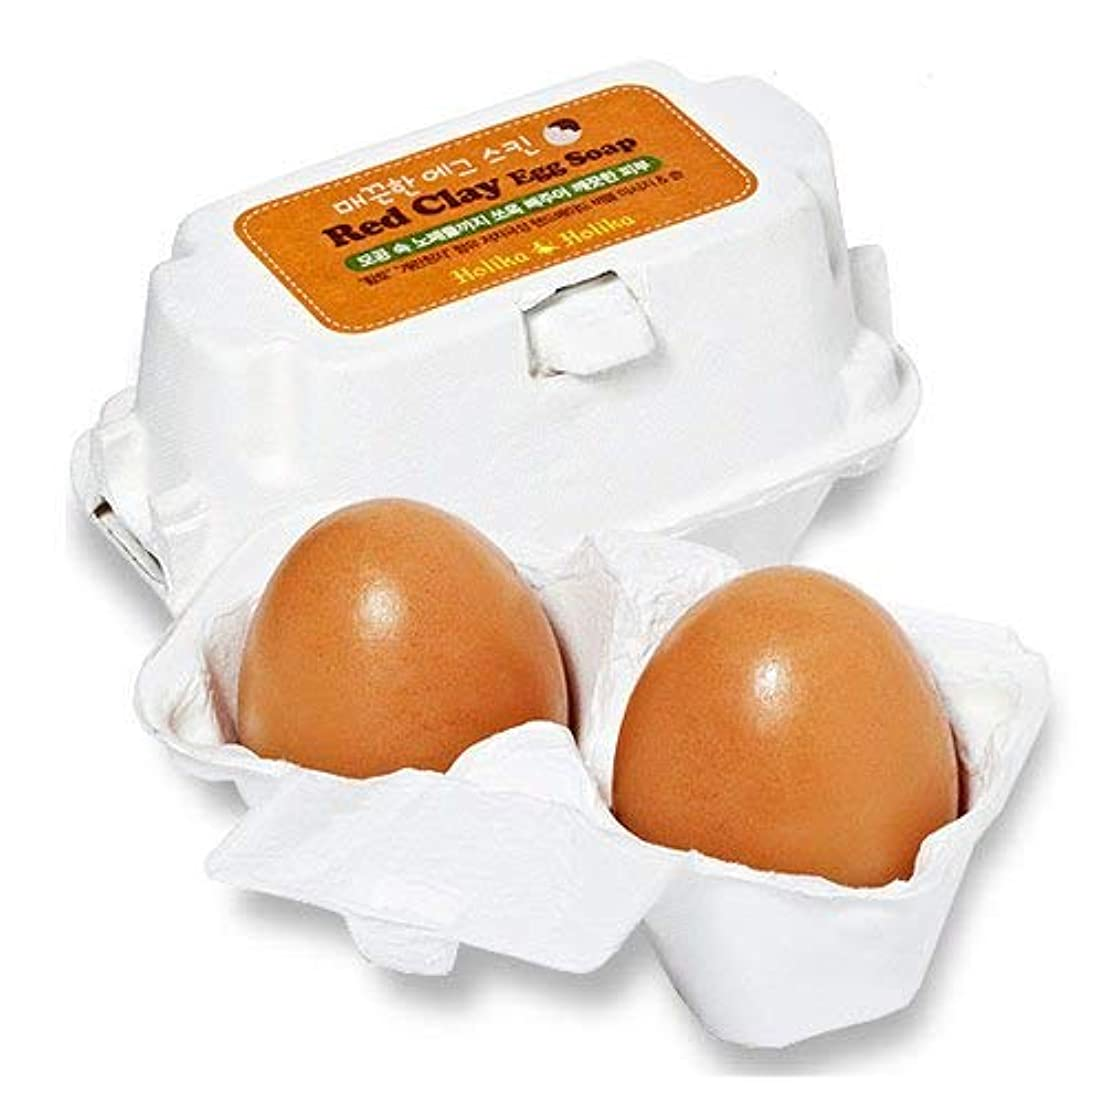 熟す黙最大限[黄土/Red Clay] Holika Holika Egg Skin Egg Soap ホリカホリカ エッグスキン エッグソープ (50g*2個) [並行輸入品]